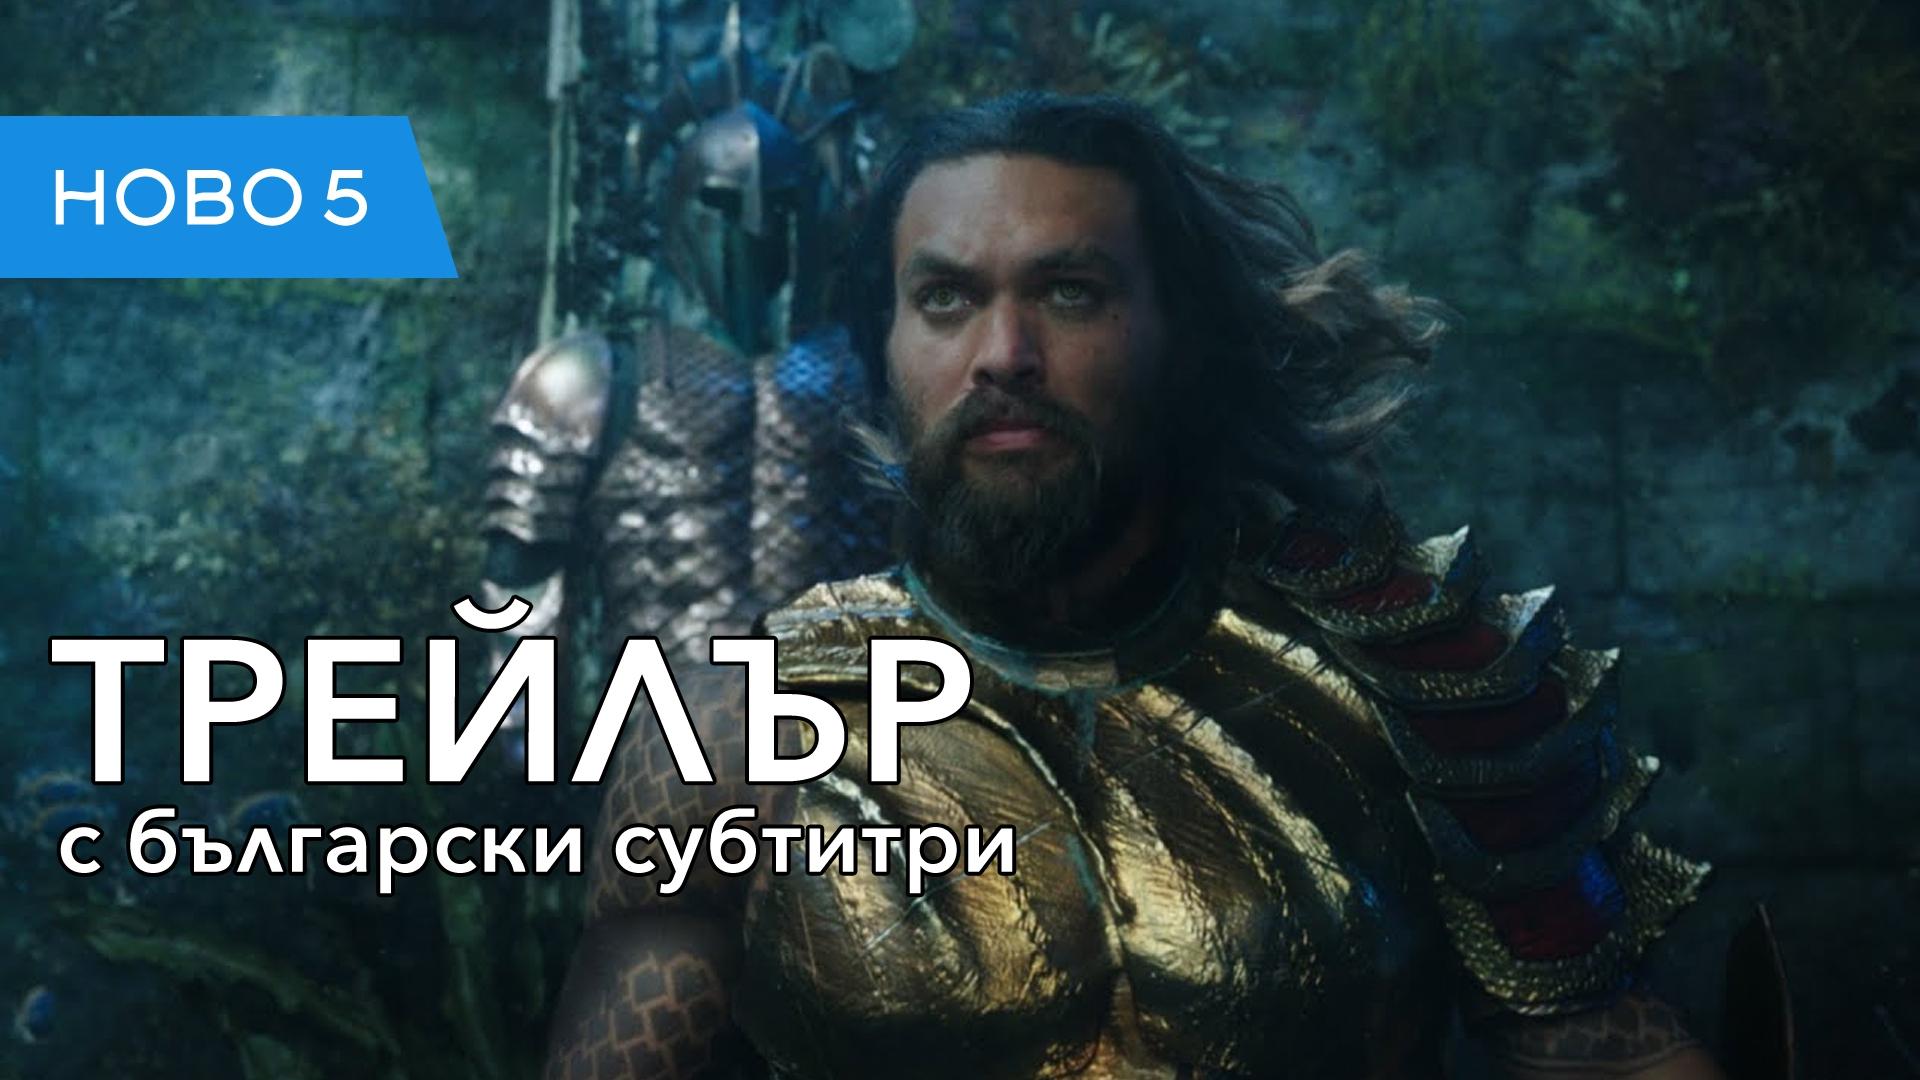 Аквамен (2018) трейлър с български субтитри